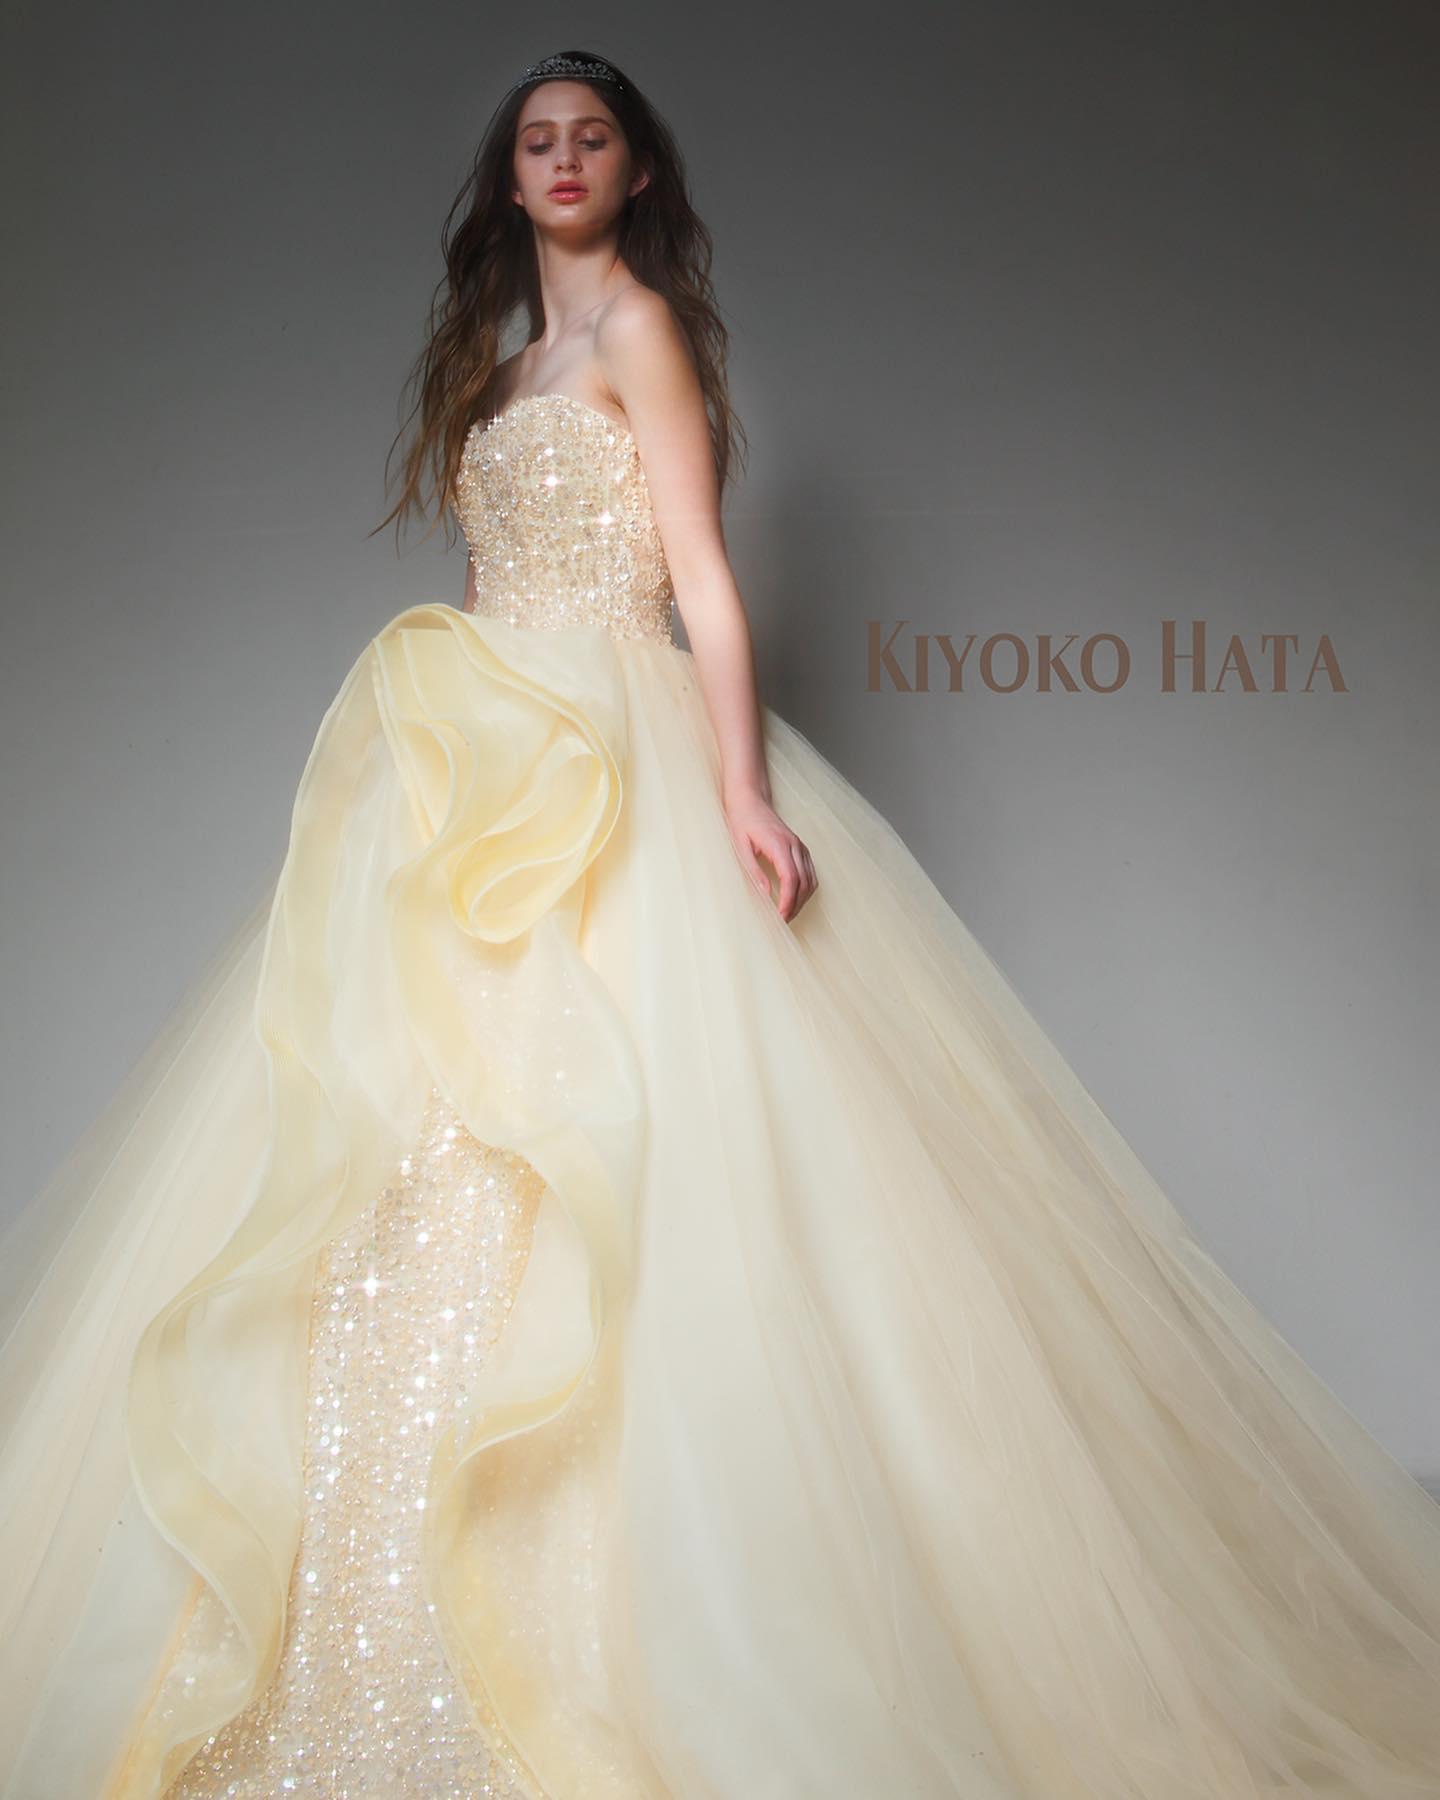 ・今日は大人気のKIYOKO HATA のカラードレスをご紹介・やわらかなイエローの色味とふんわりとしたチュールのスカートが可愛らしさを演出してくれるドレス・スカートの左脇に波打つ美しいフリルと胸元にきらめくスパンコールがひと際目を引く美しい一着です・ご試着いかがでしょうか・ 【KIYOKO HATA】CD0367KH-0460レンタル料金¥220,000・#wedding #weddingdress #bridalhiro #kiyokohata #ウェディングドレス #プレ花嫁 #ドレス試着 #2021冬婚 #ヘアメイク #結婚式  #ドレス選び #前撮り #後撮り #フォトウェディング #ウェディングヘア  #フォト婚 #前撮り写真 #ブライダルフォト #カップルフォト #ウェディングドレス探し #ウェディングドレス試着 #レンタルドレス #ドレスショップ #家族婚 #ブライダルヒロ #ゼクシィ #プリンセスライン #ドレス迷子 #キヨコハタ #キヨコハタドレス